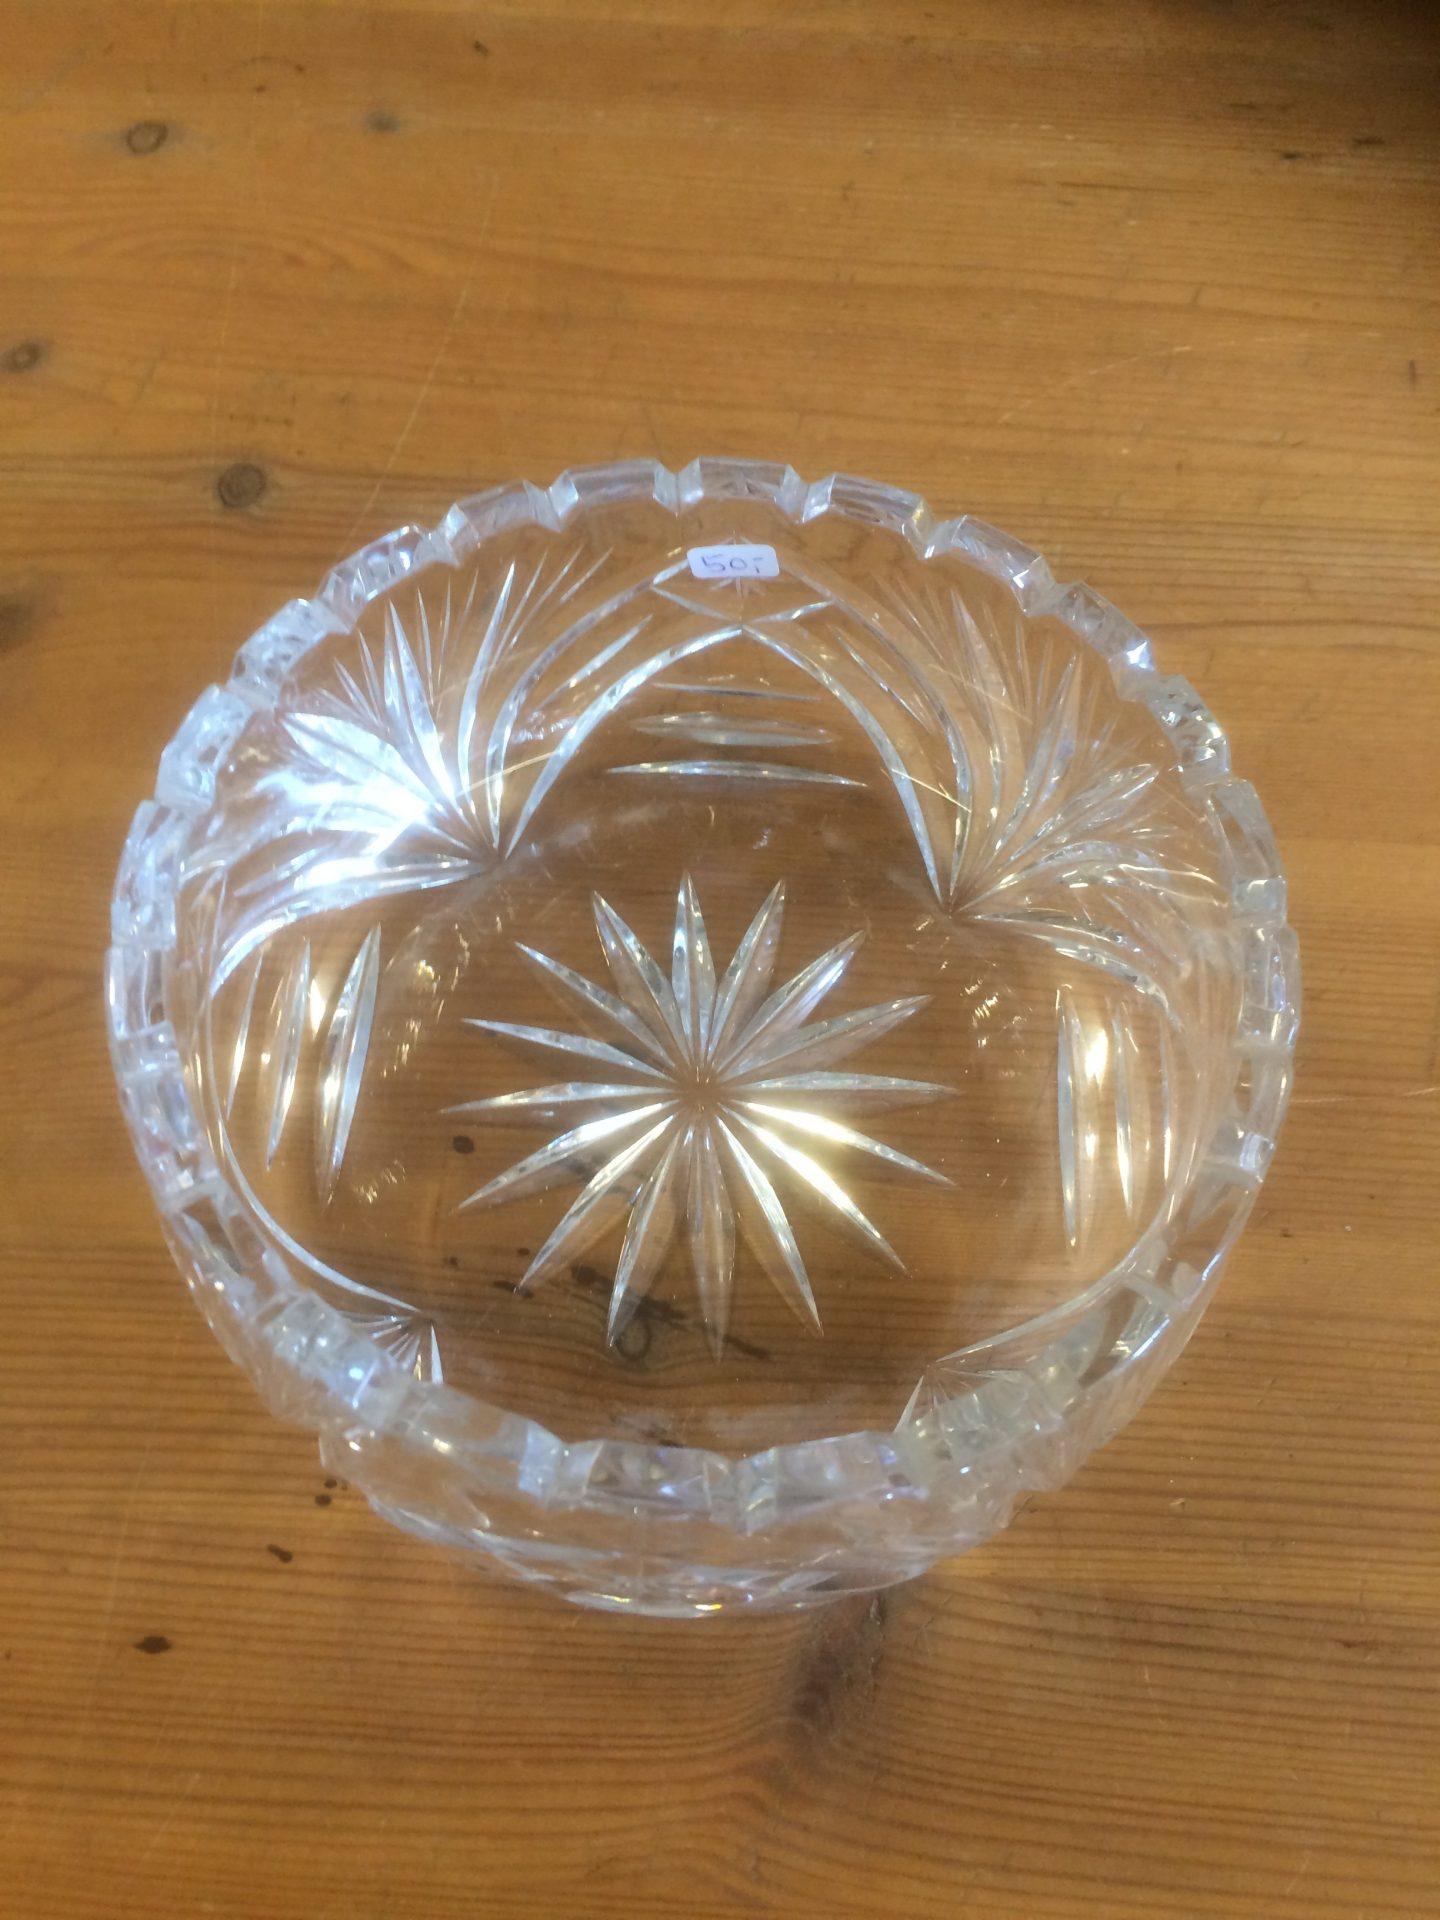 19/30 Krystal skål størrelse 200-80mm pris 50kr